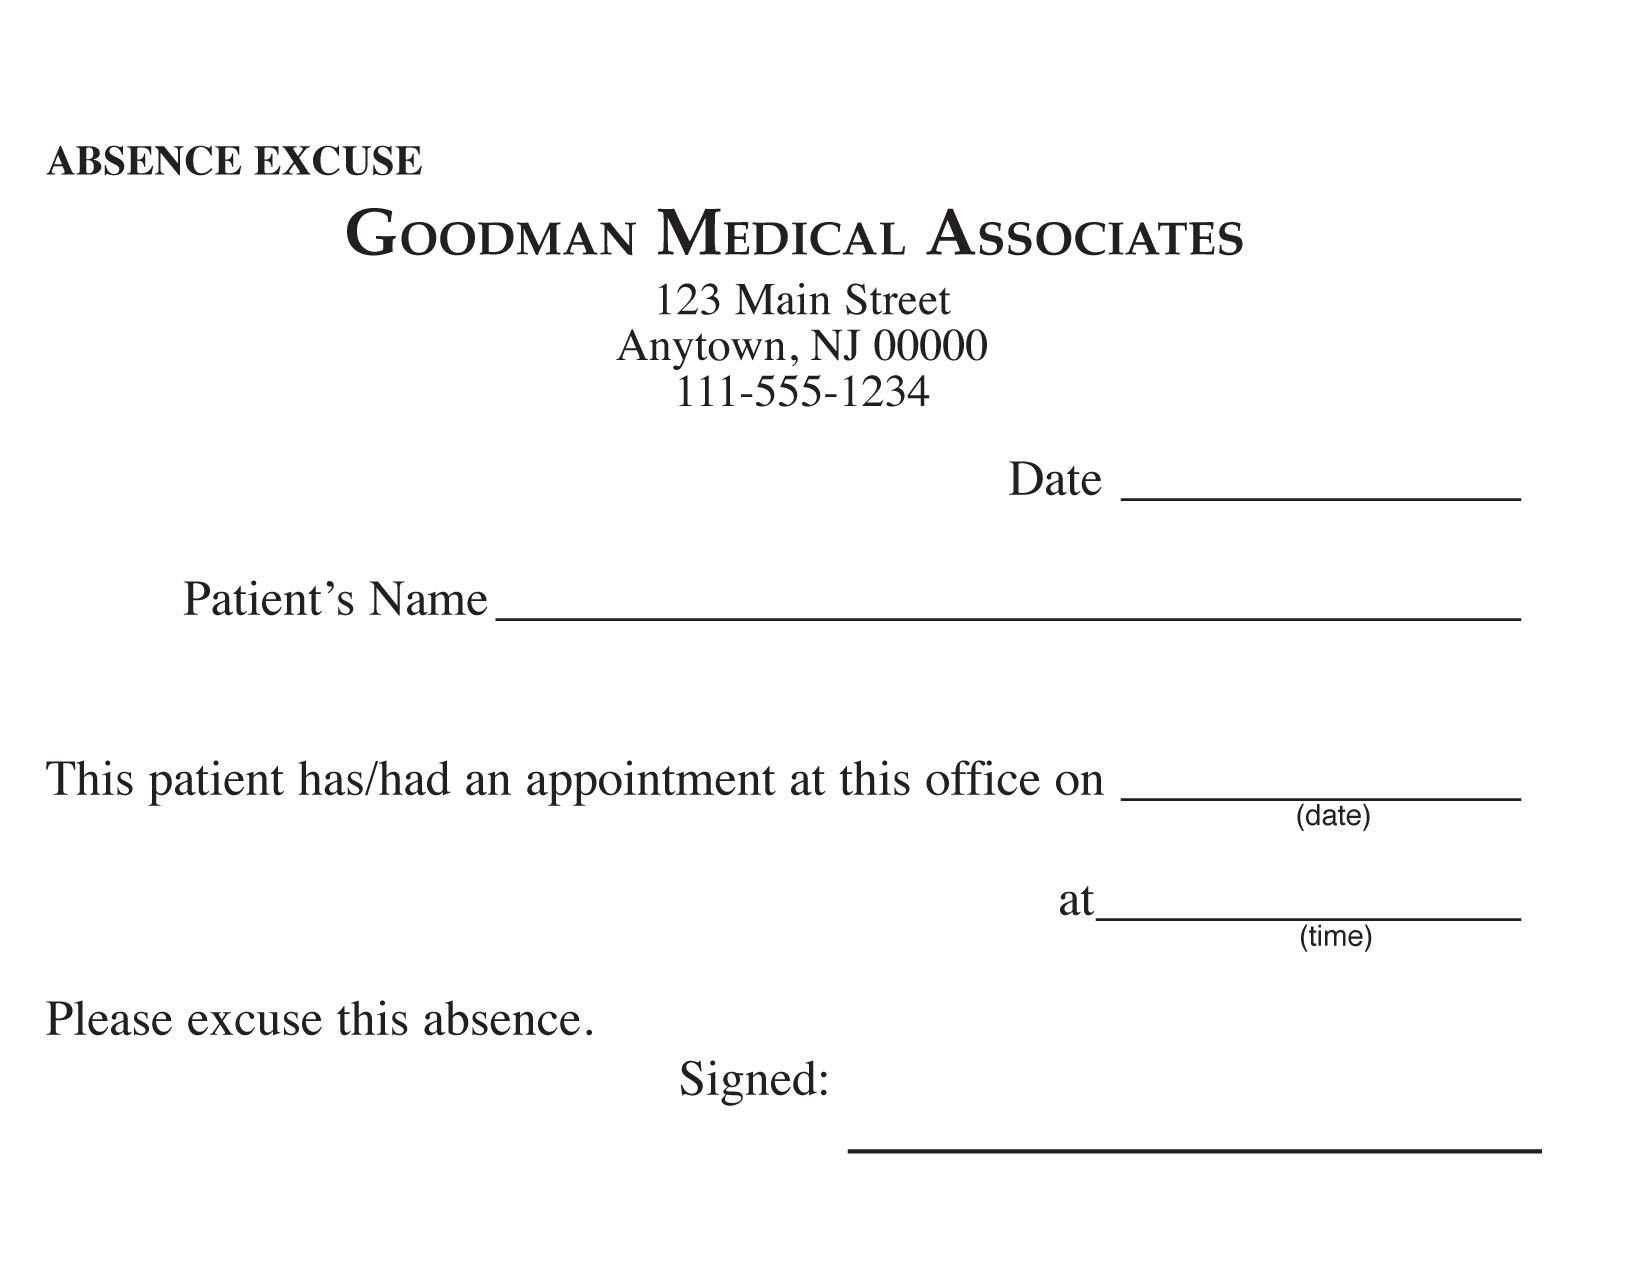 Blank Printable Doctor Excuse Form | Keskes Printing - Mds - Free Printable Doctors Excuse For School